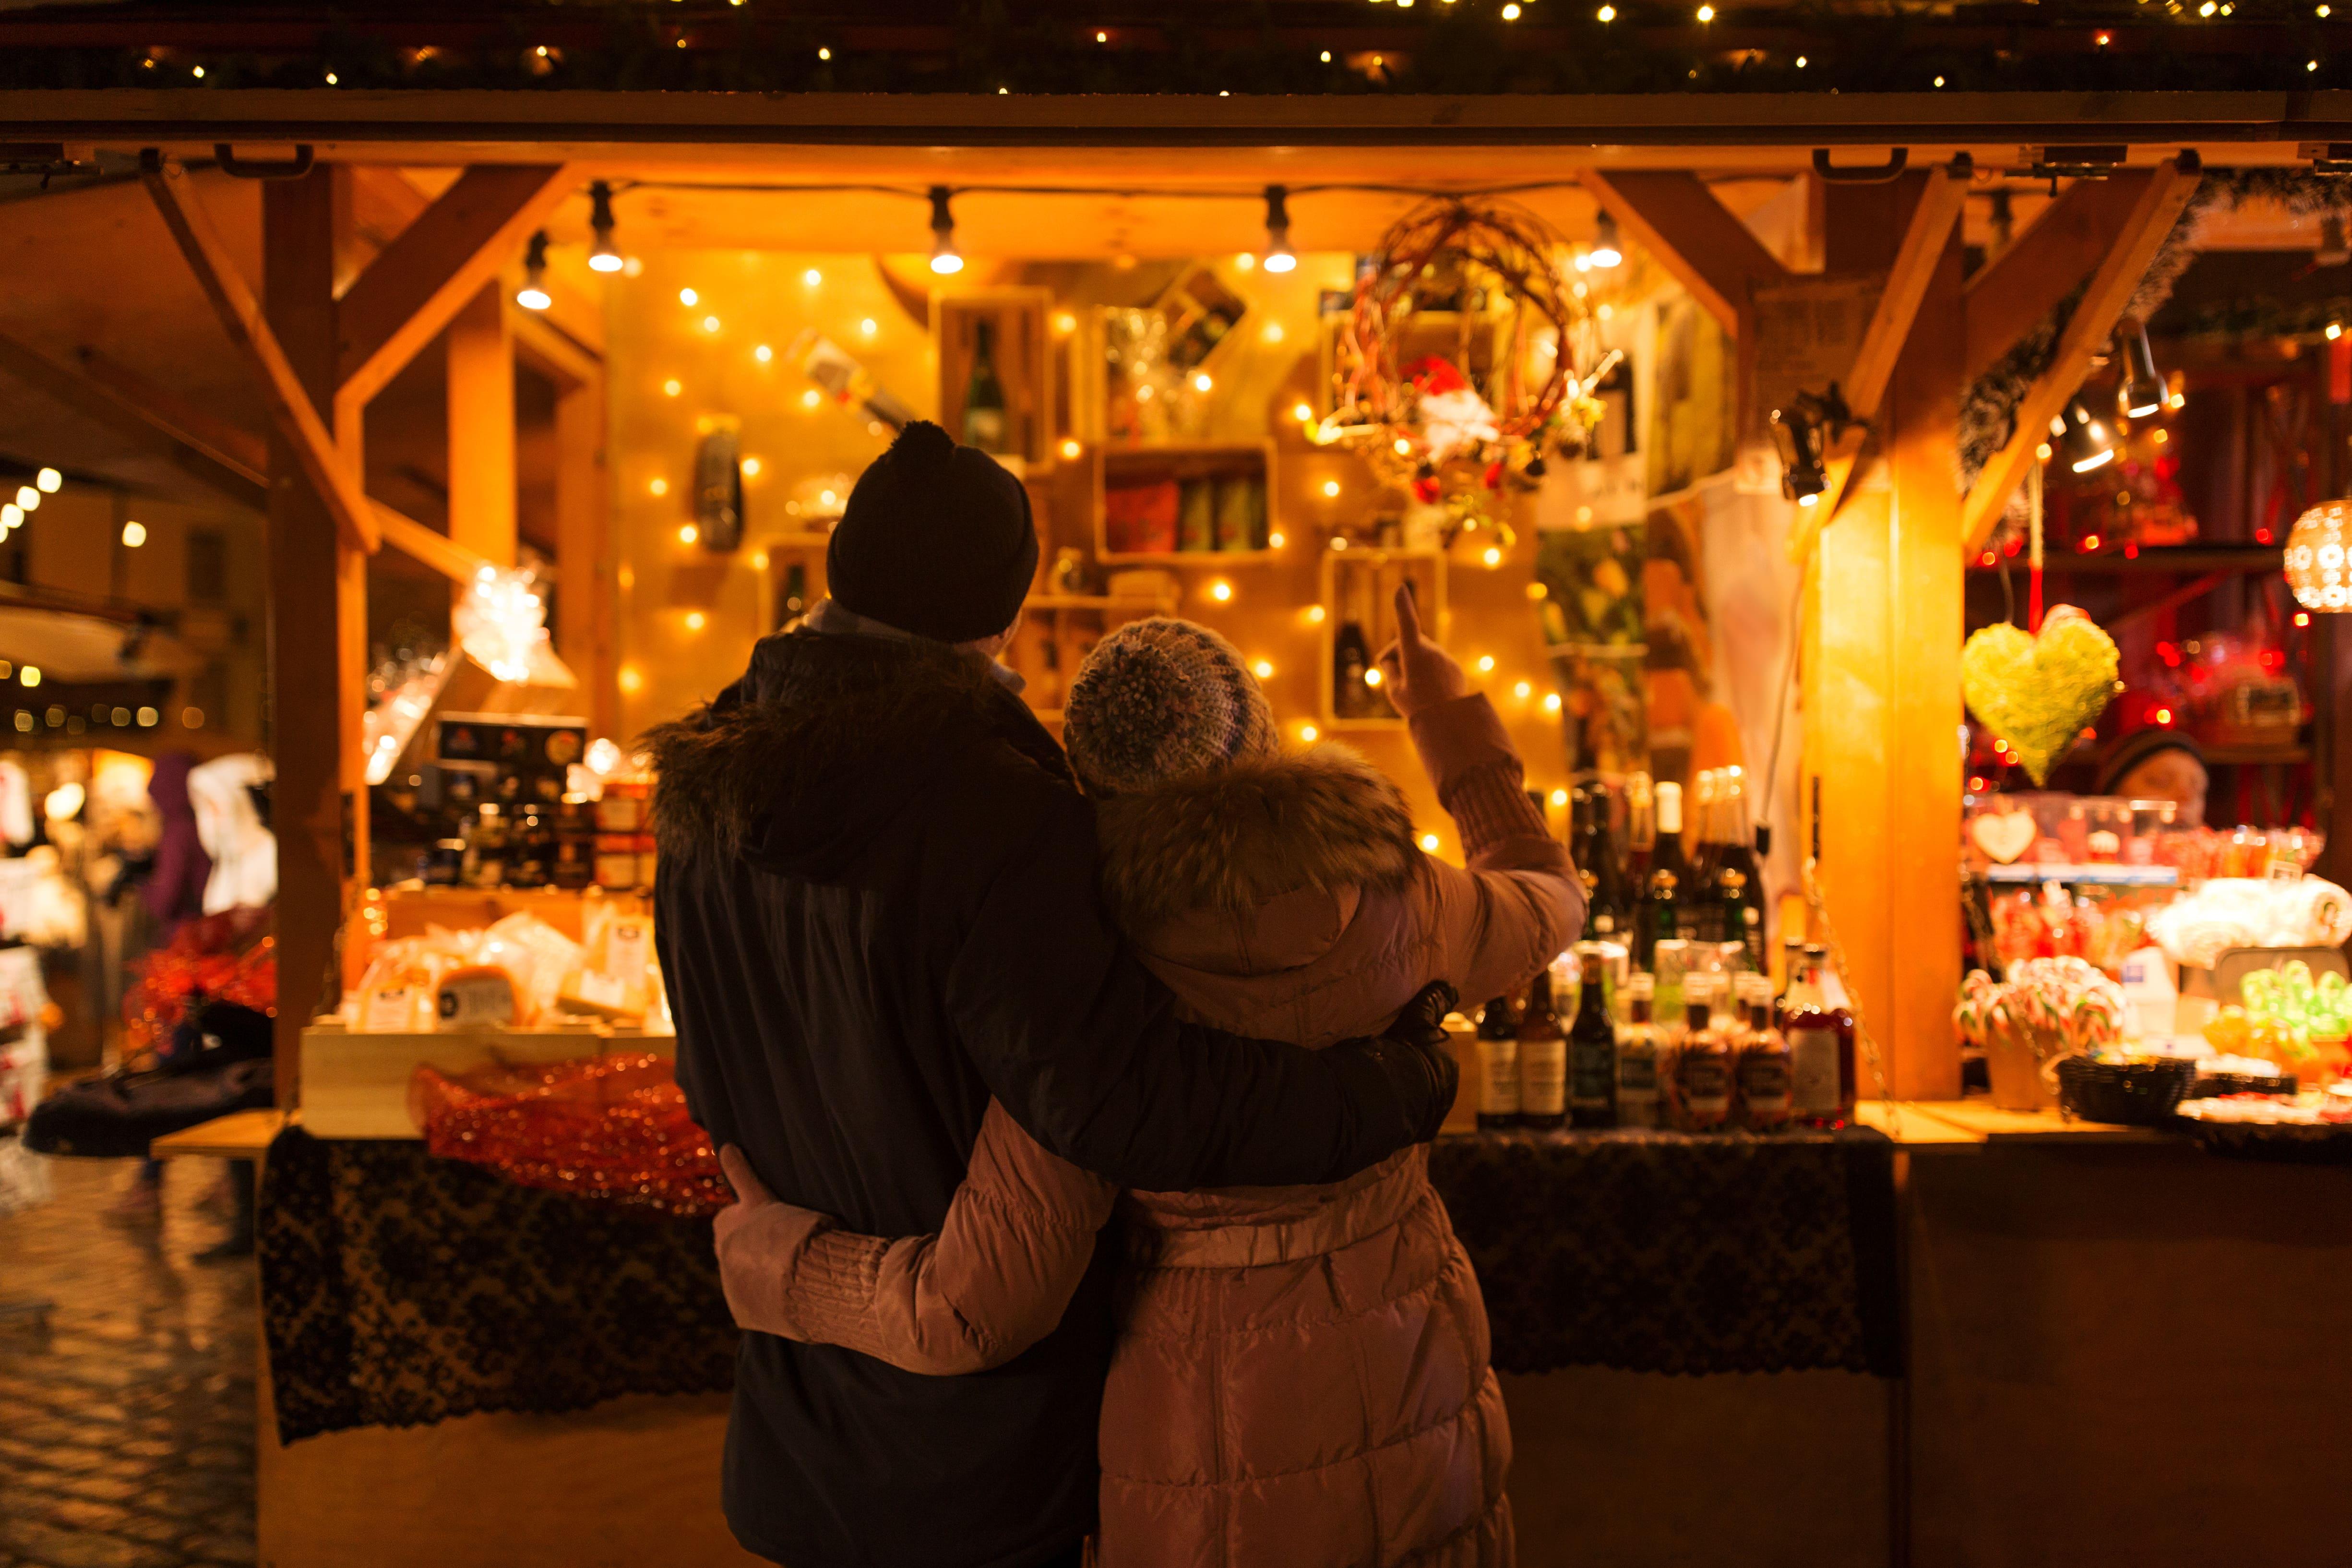 Christmas Shopping, Holidays, Couple, Christmas Lights